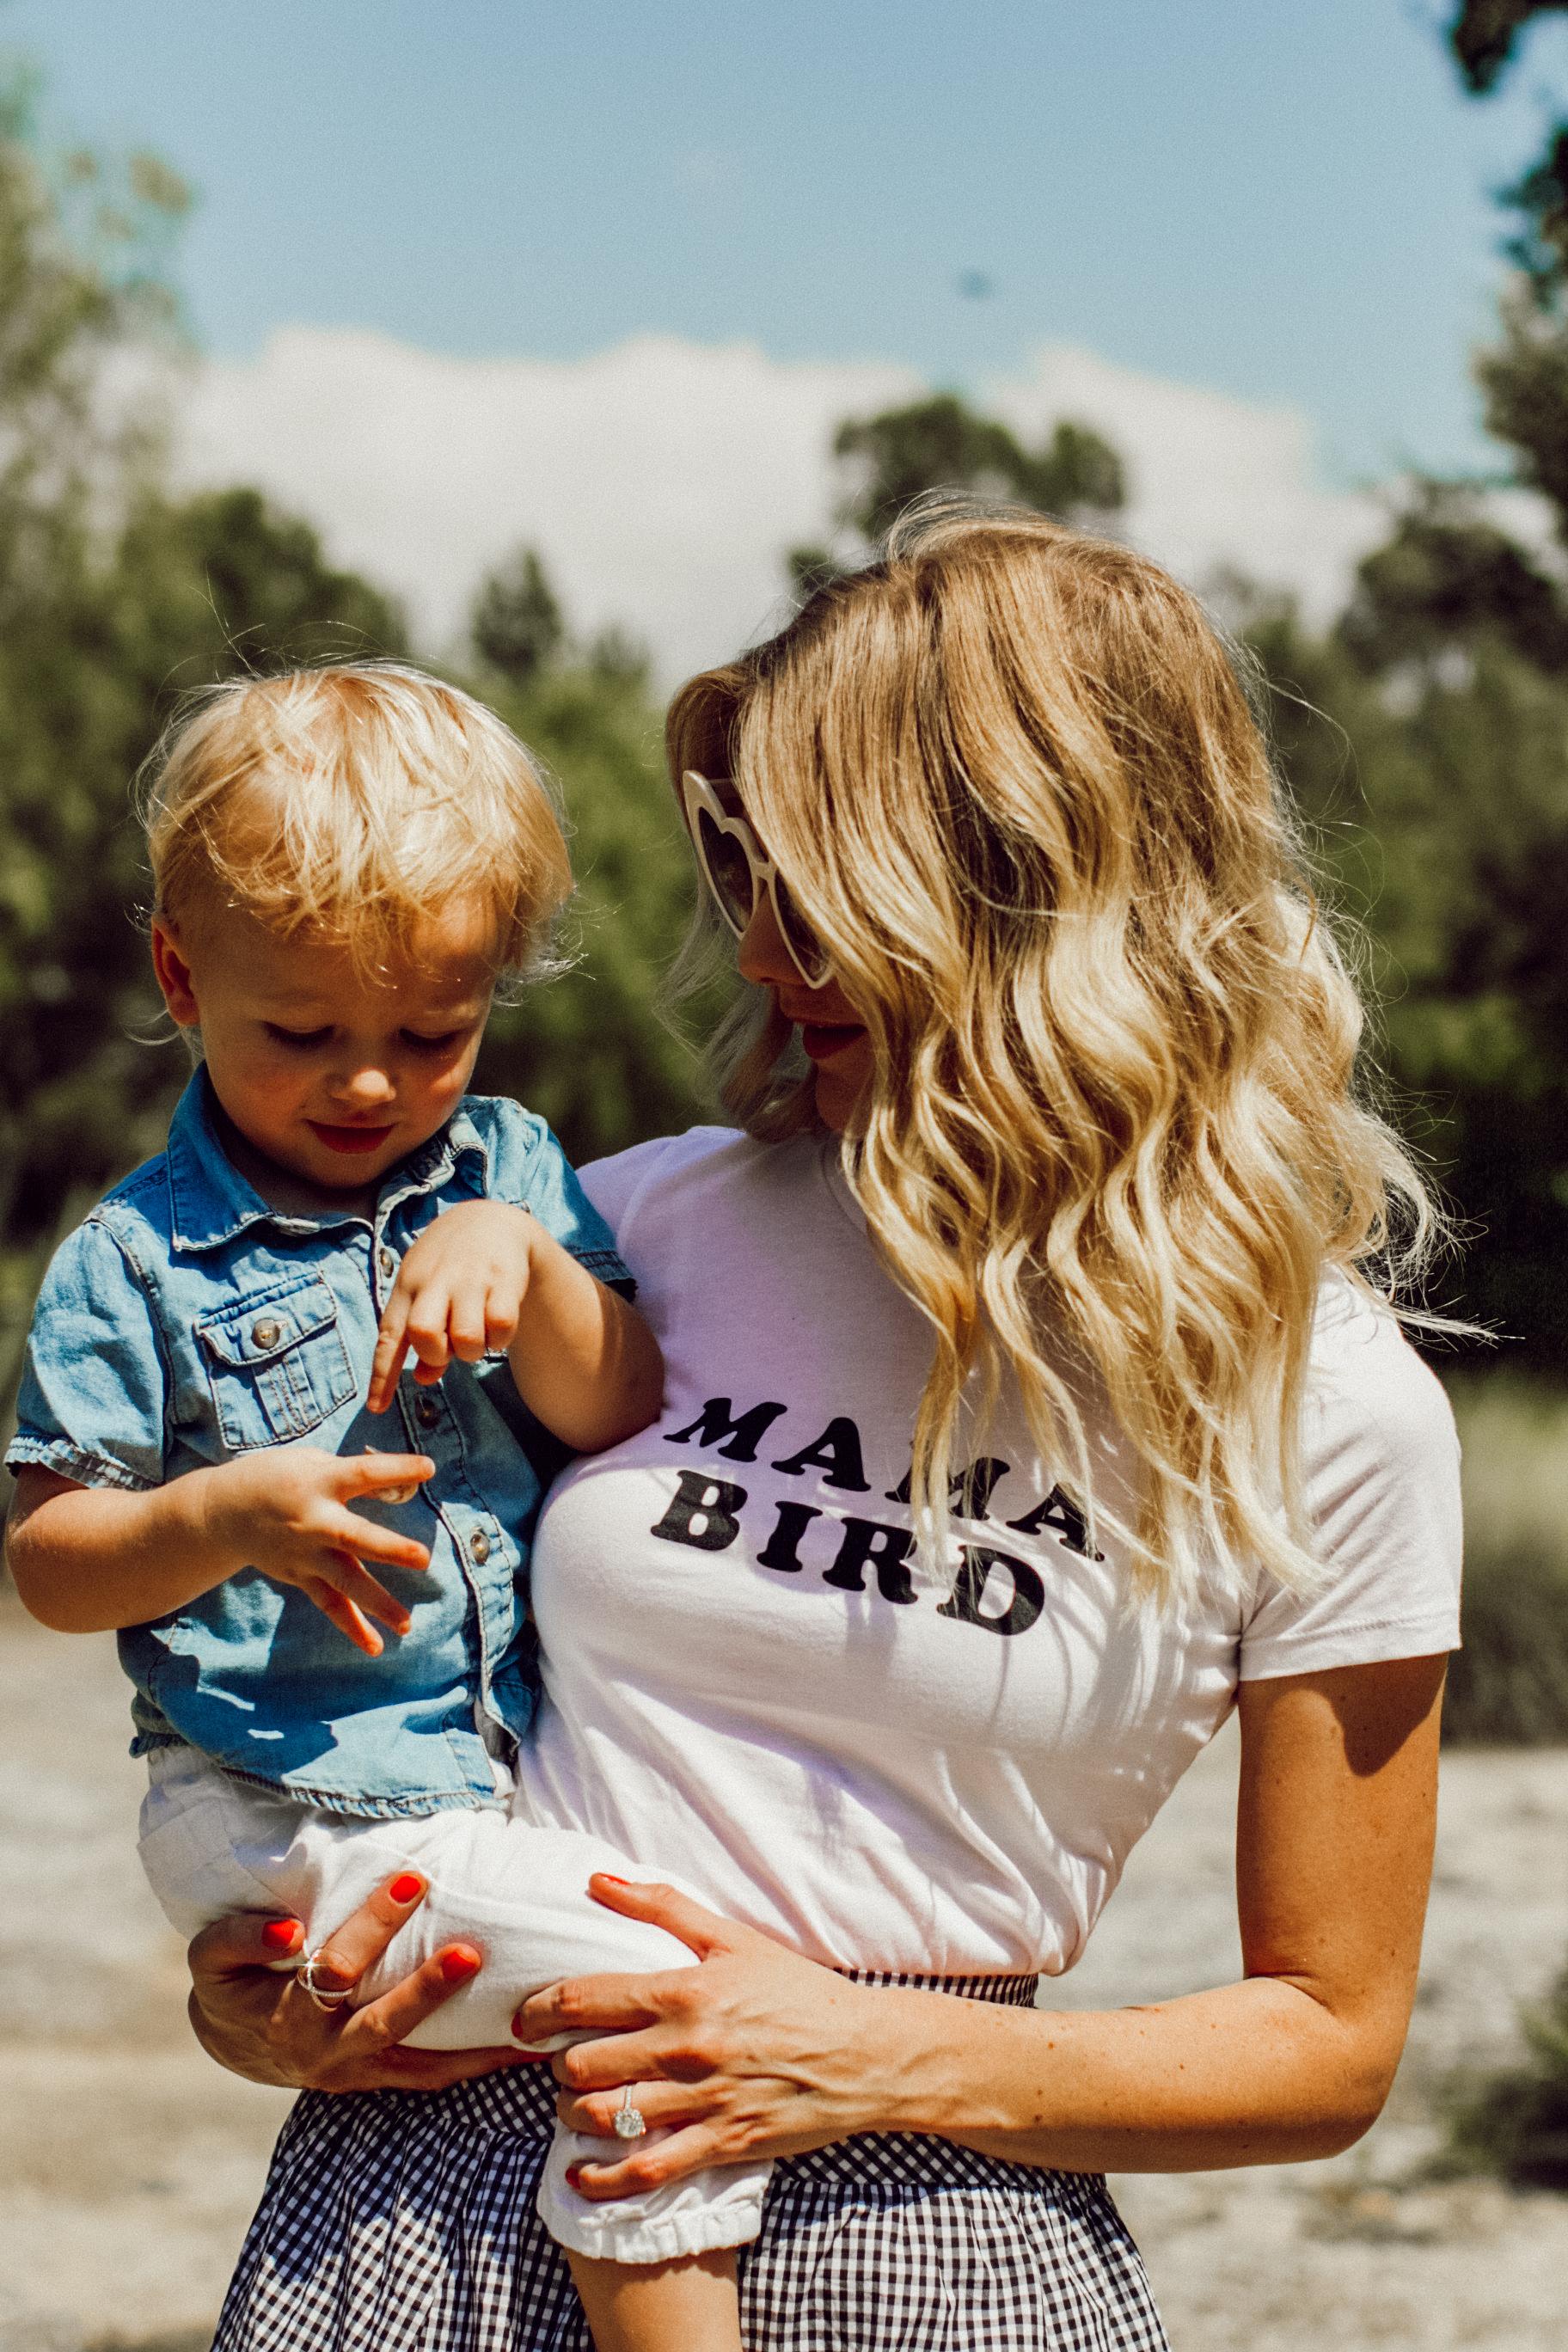 mama bird 0014.jpg